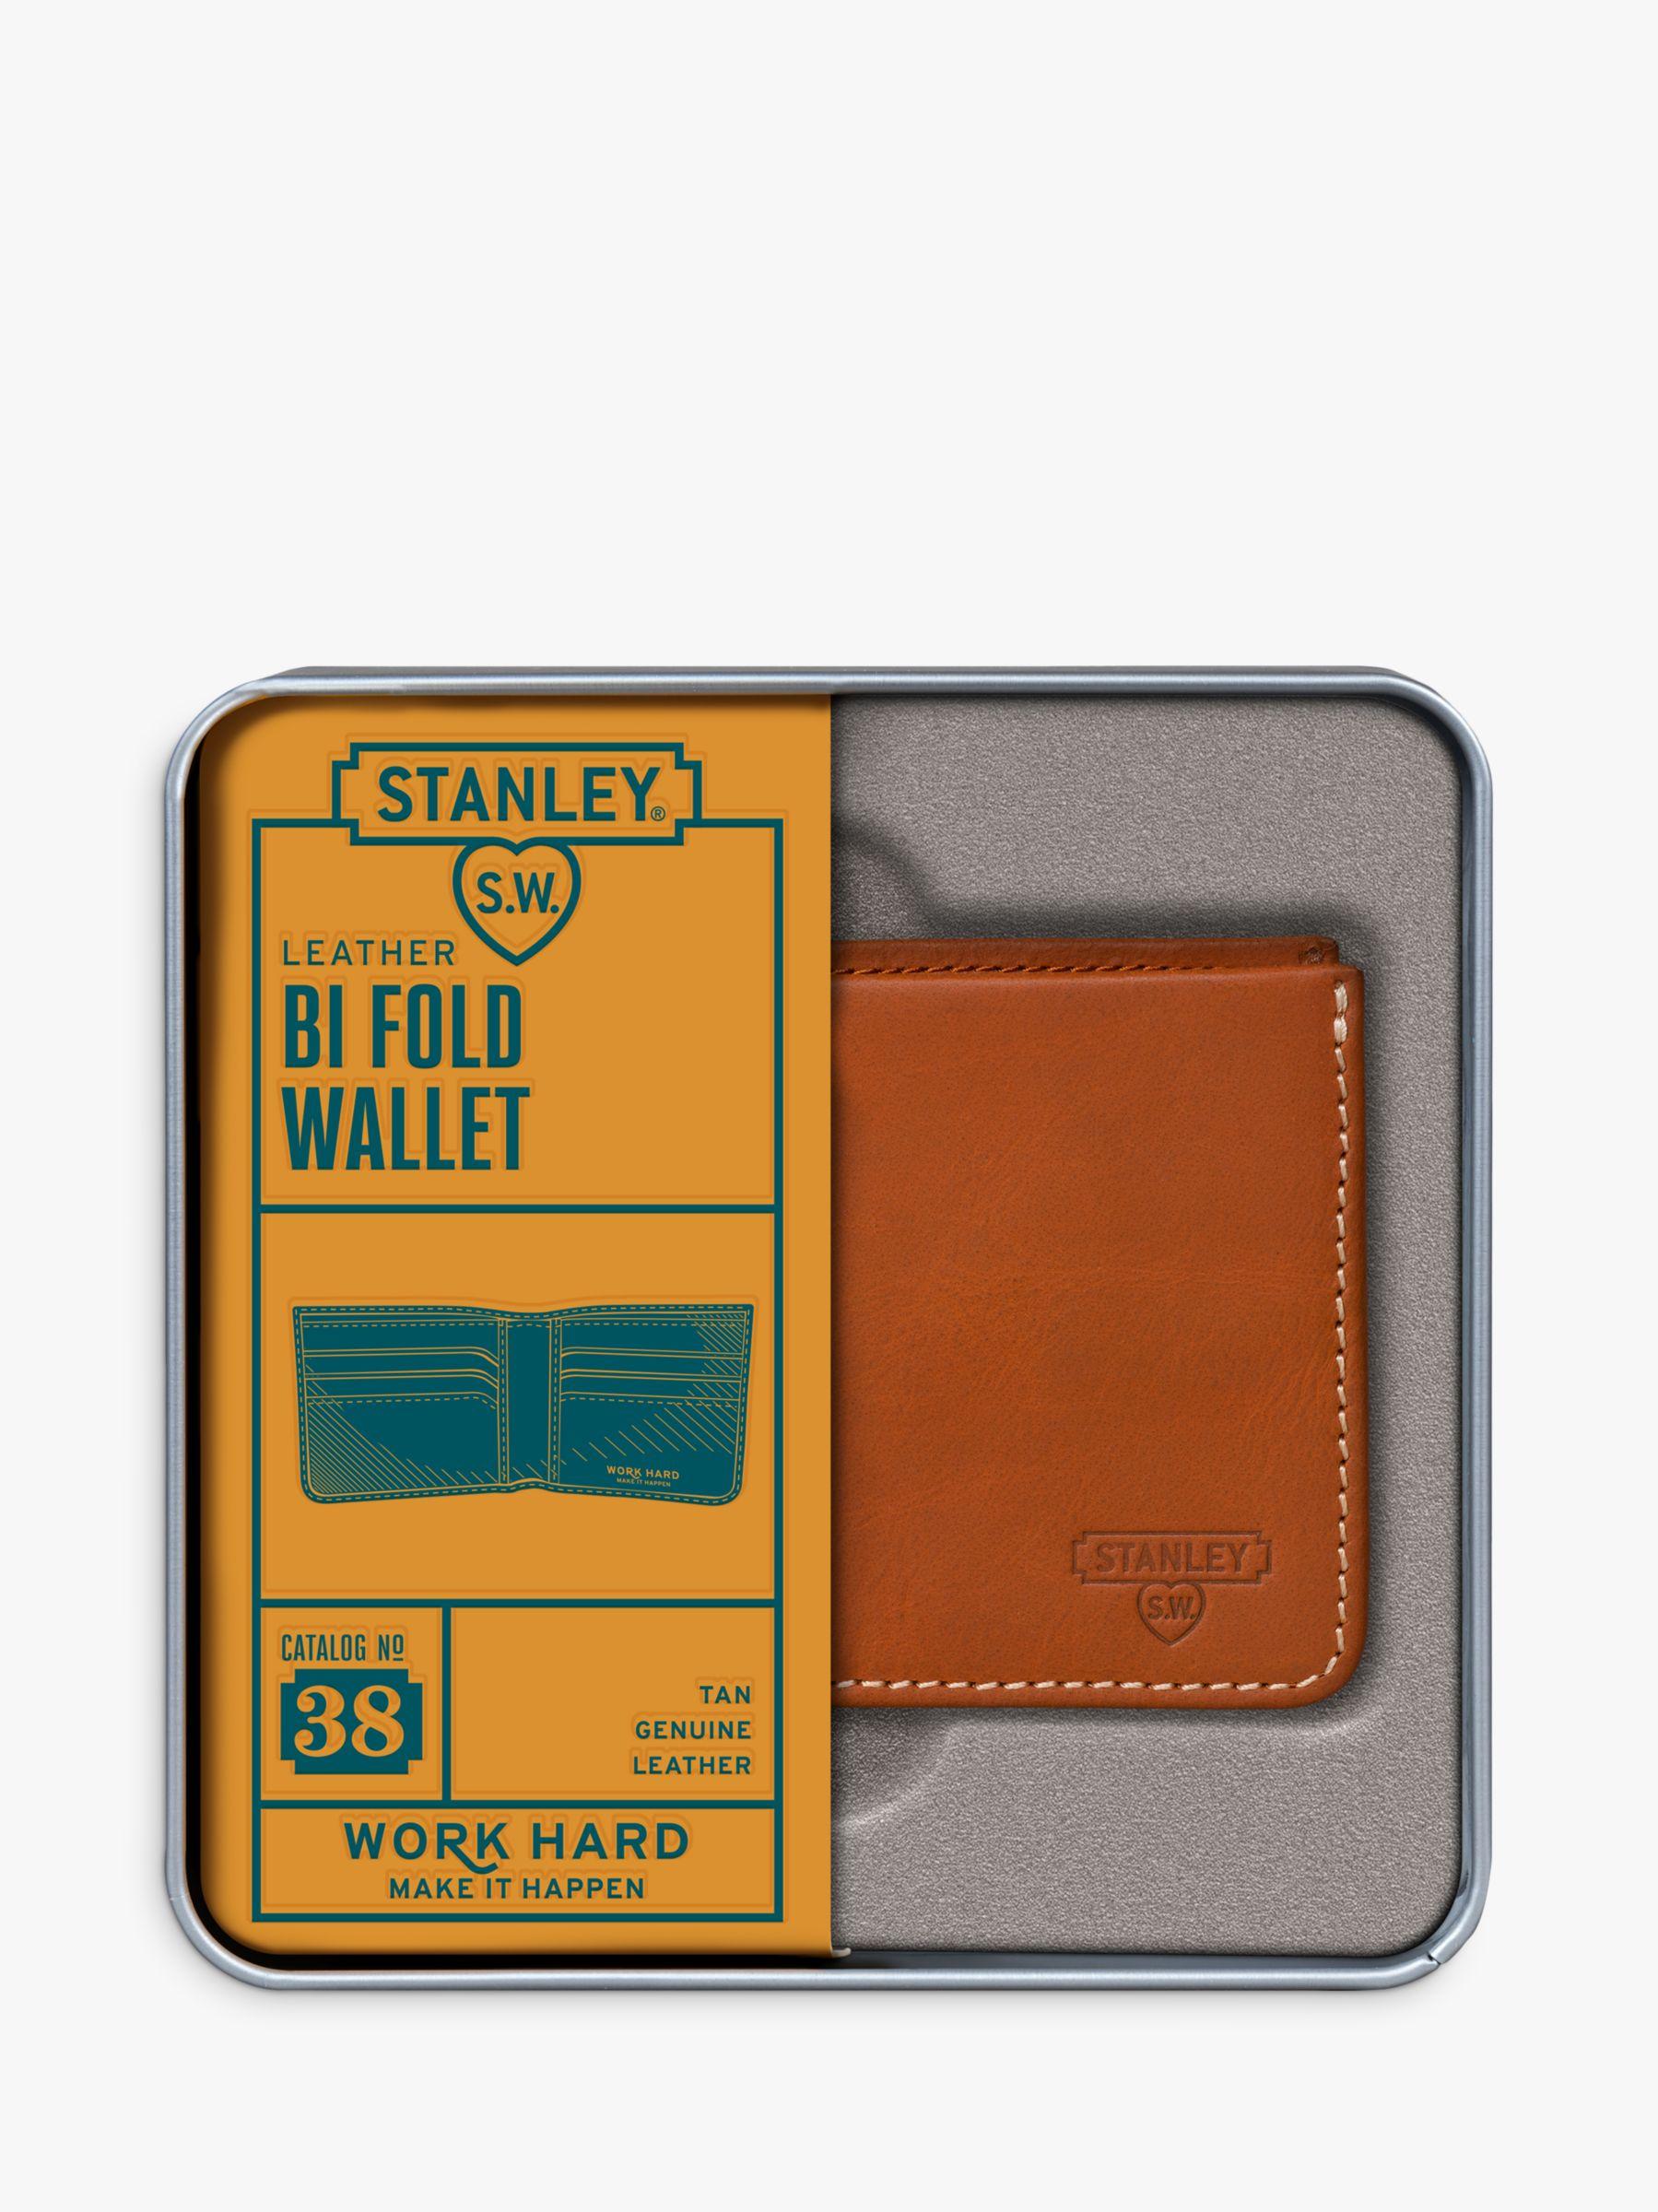 Stanley Stanley Bi Fold Leather Wallet, Tan